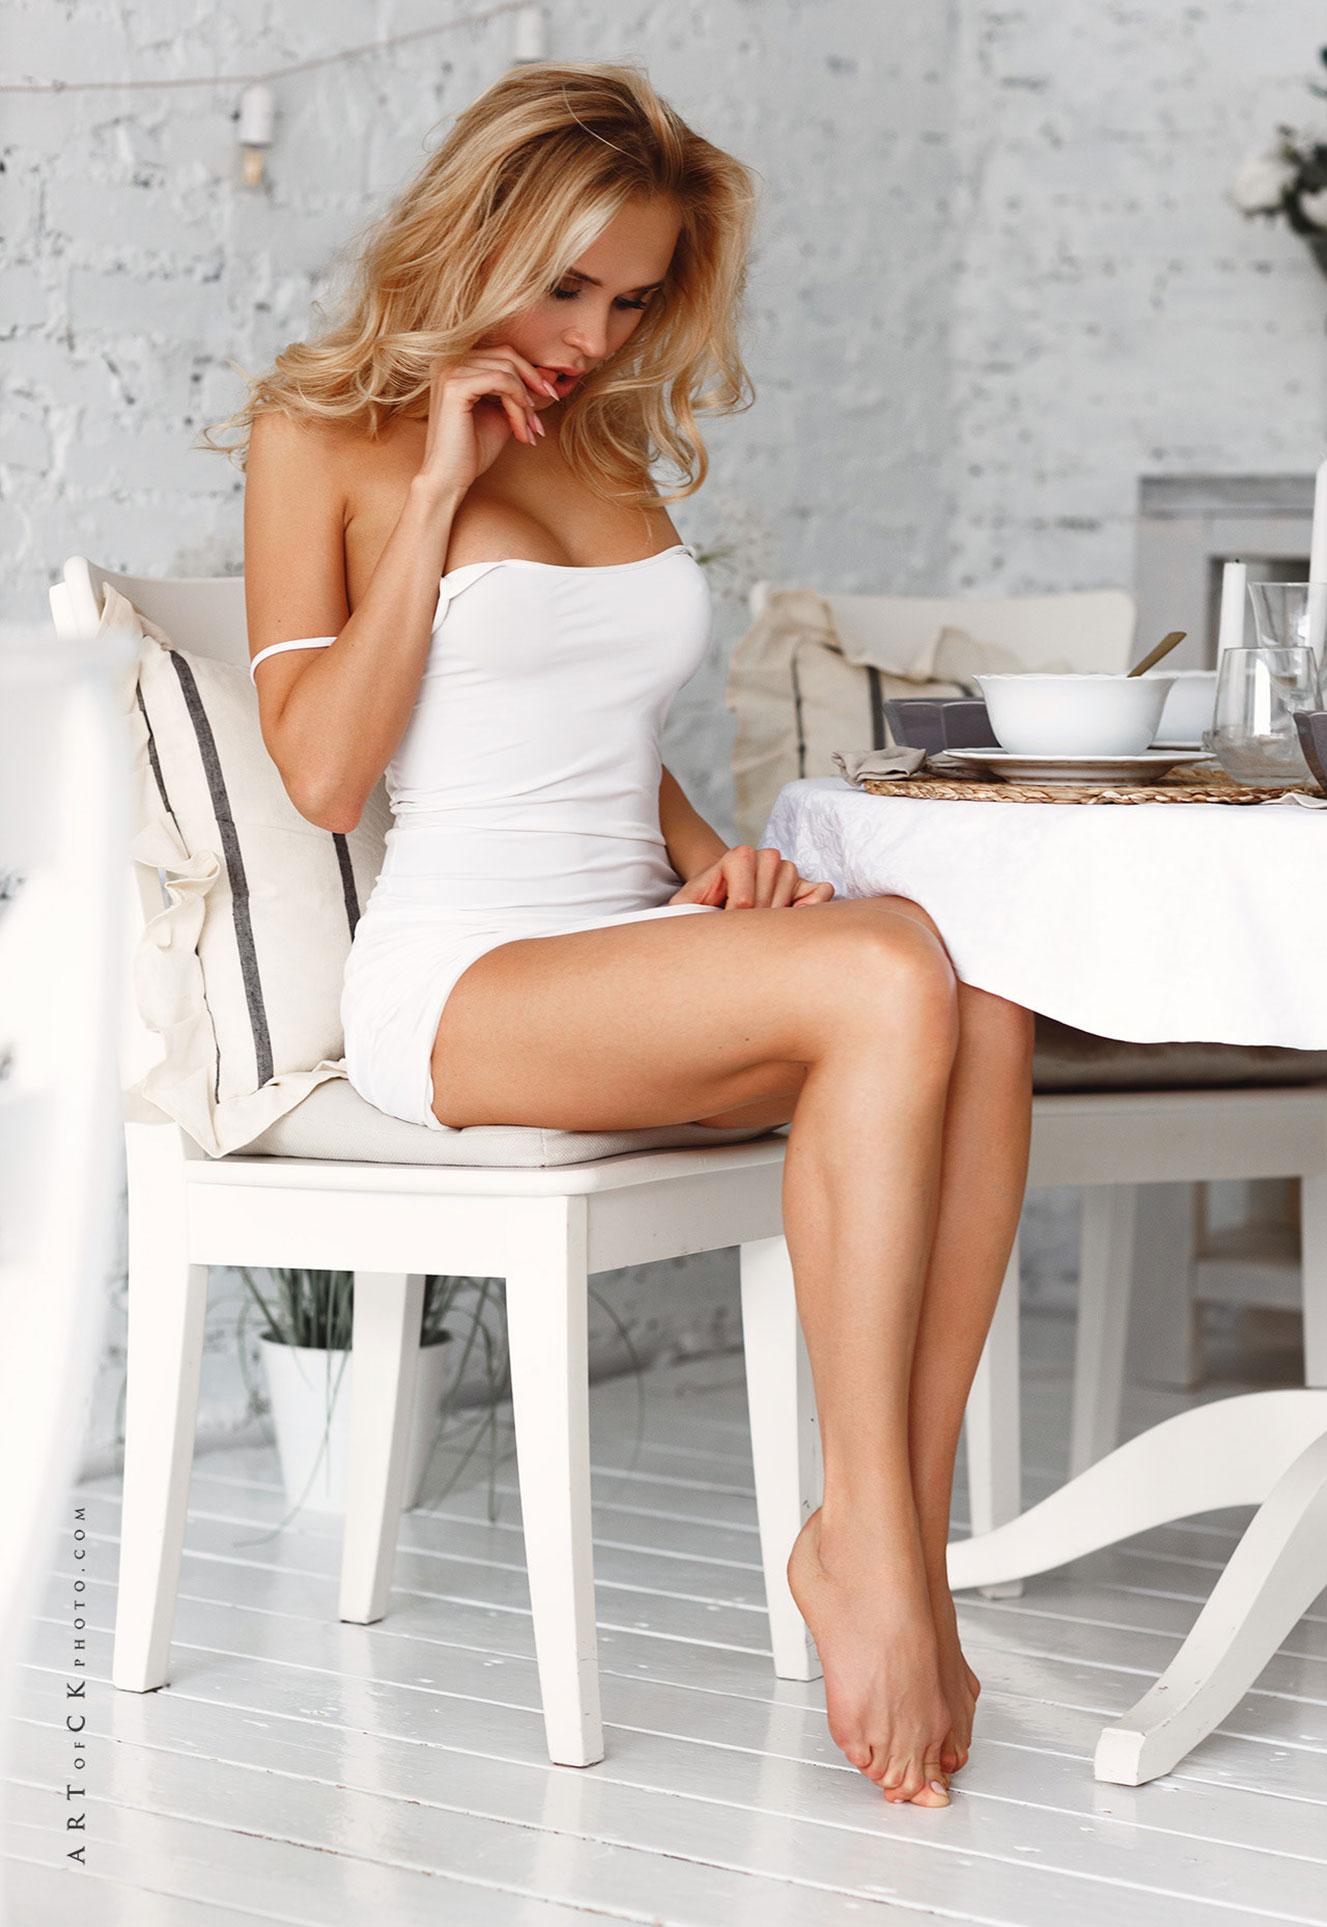 самая сексуальная русская медсестра в домашней обстановке / фото 02